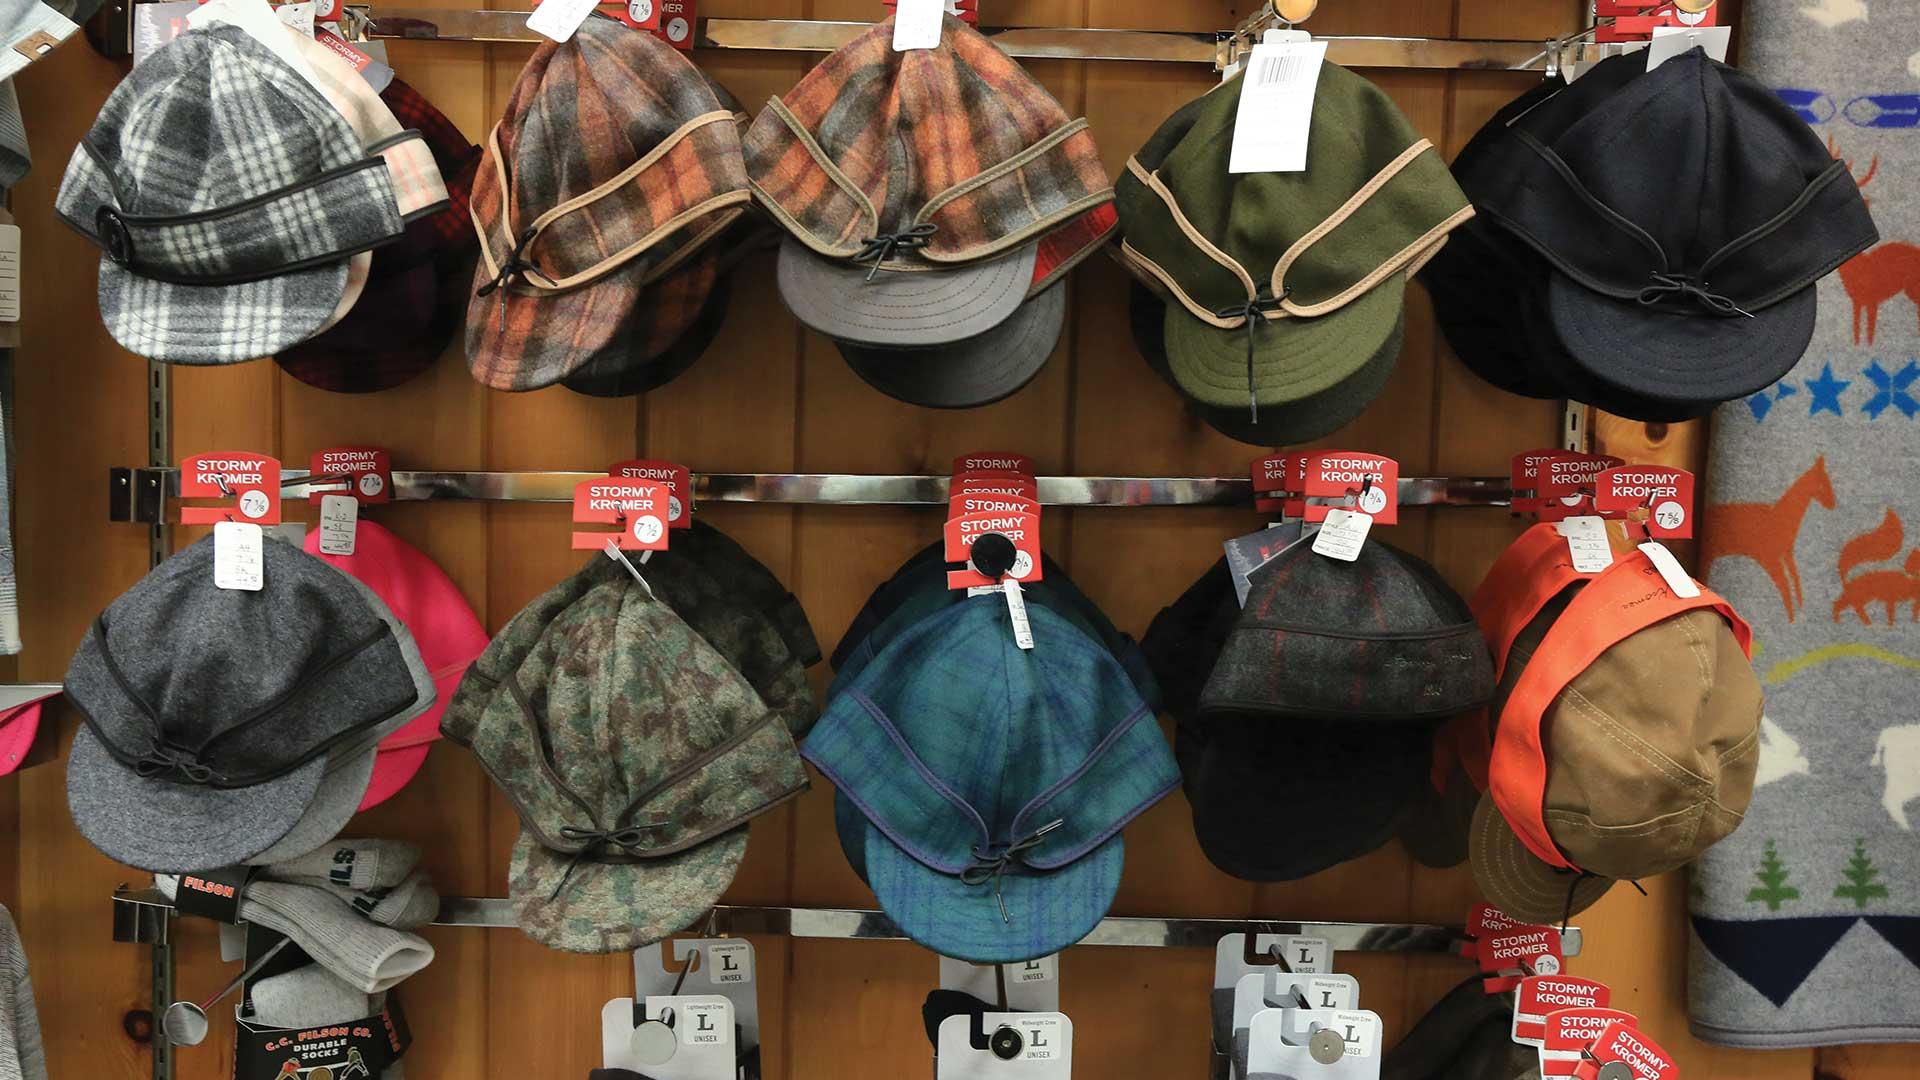 Ross Sportswear hats on display